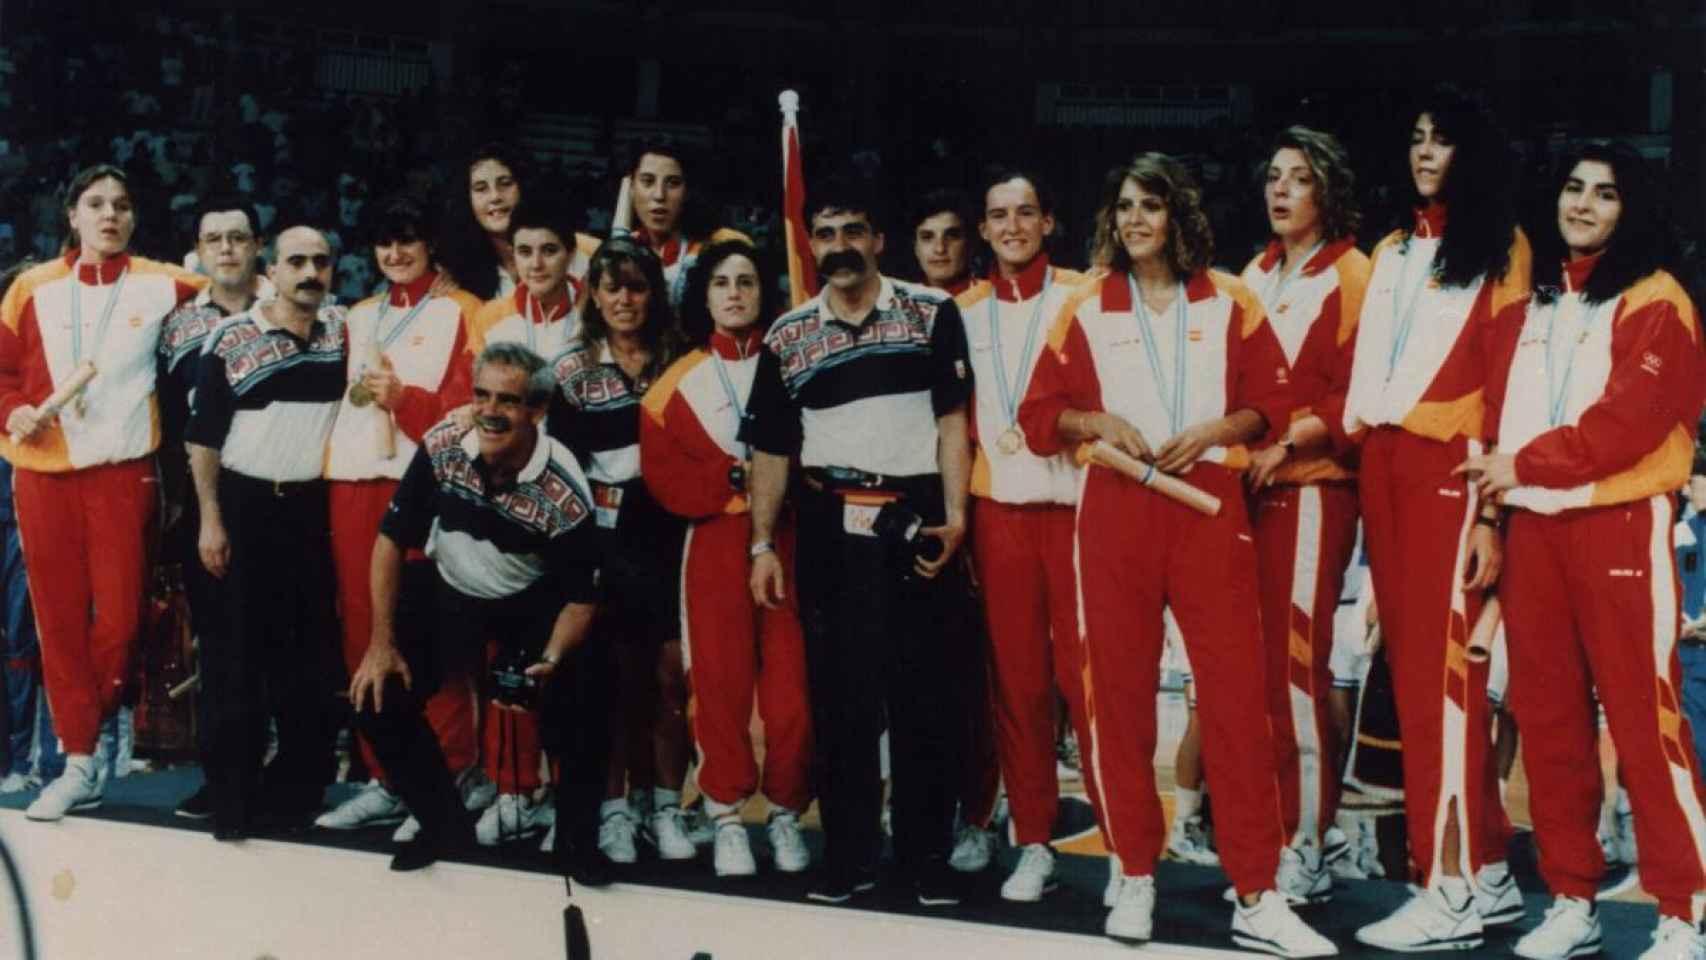 La selección femenina española de baloncesto tras ganar la medalla de oro en el Eurobasket de 1993